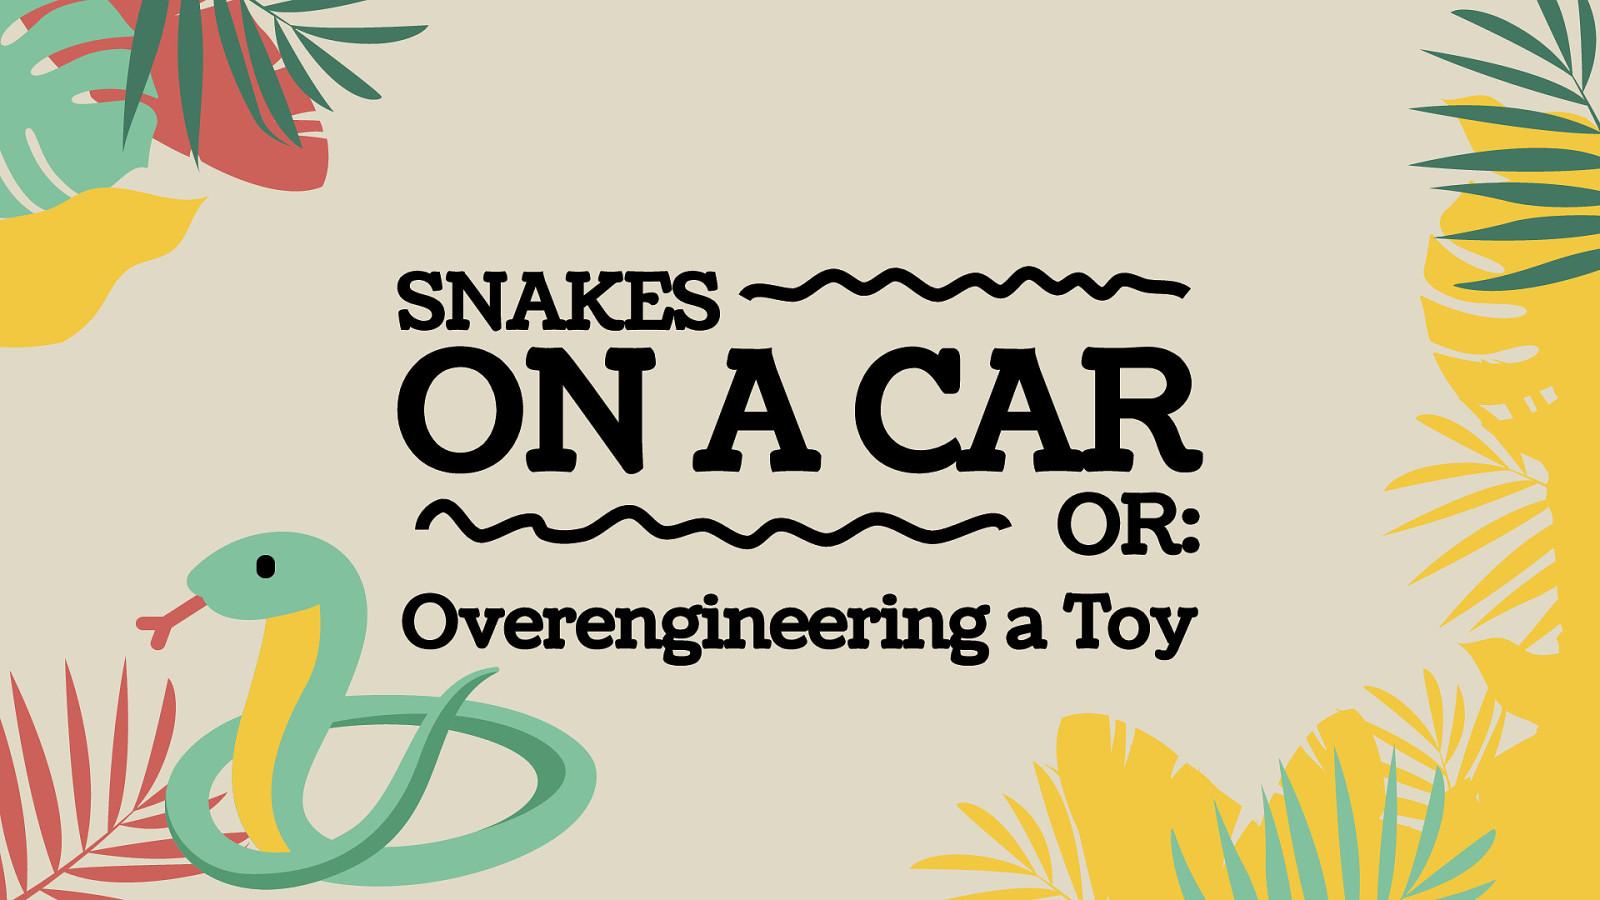 Snakes on a Car